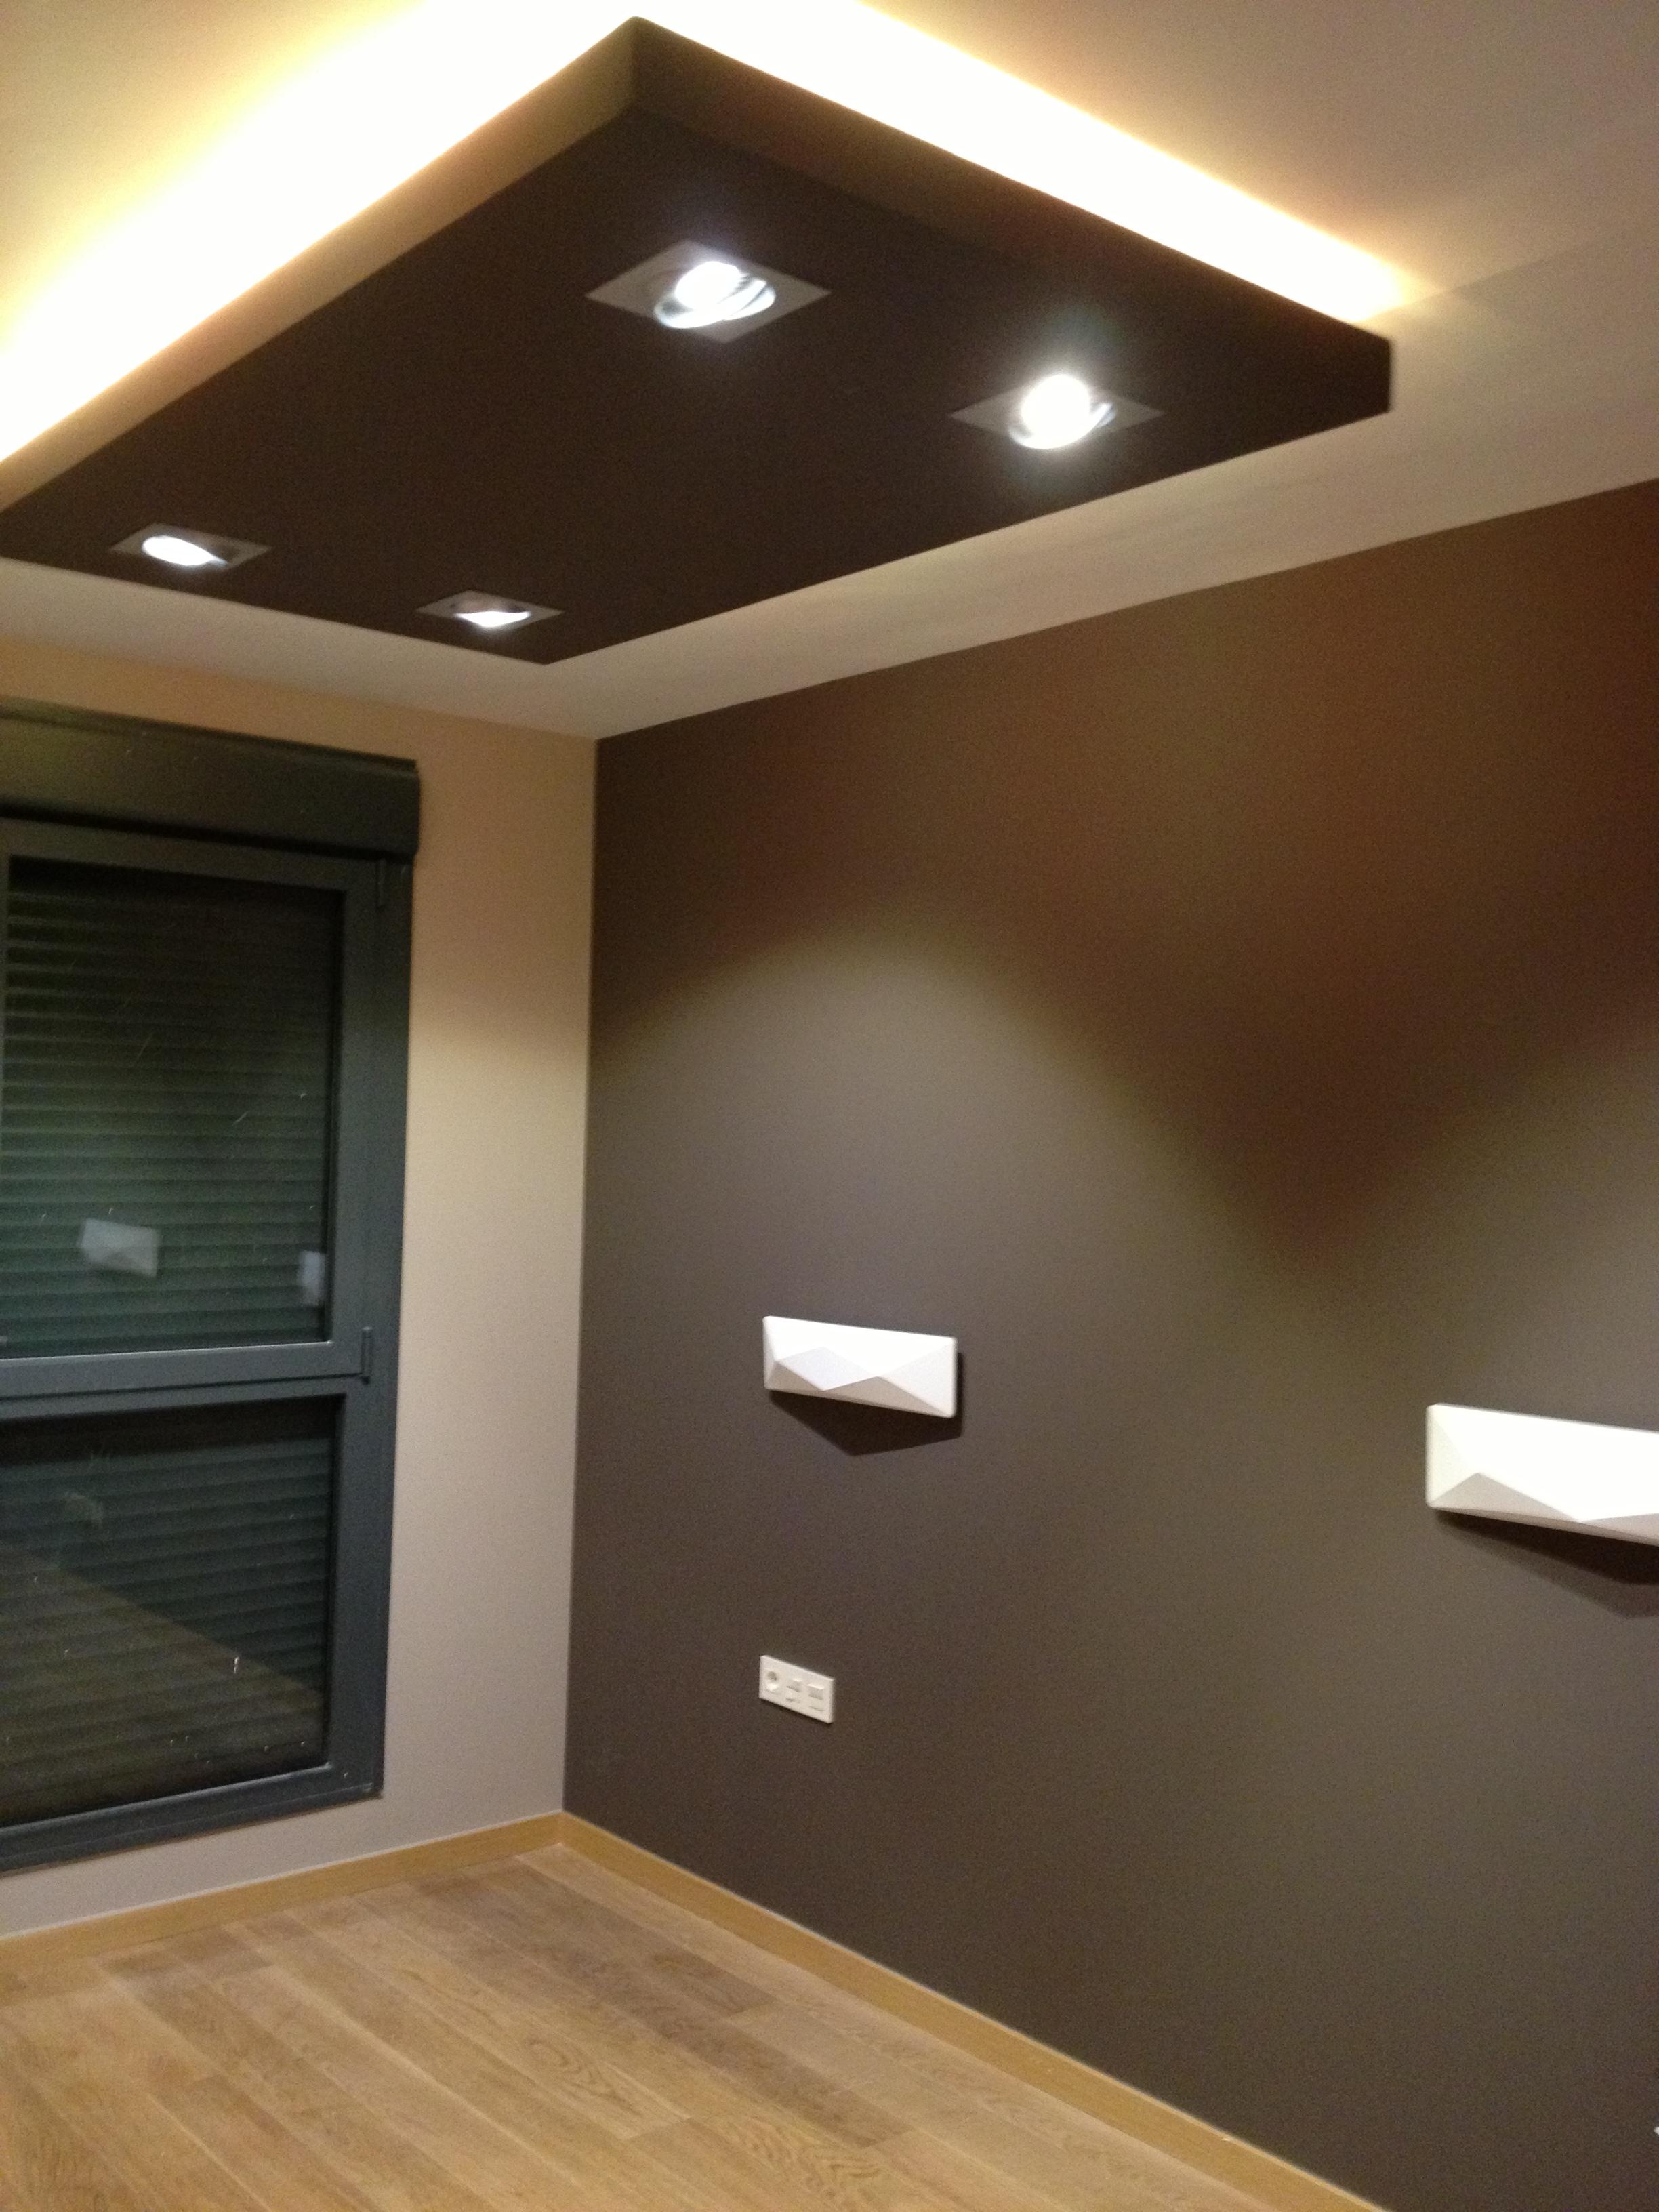 La escayola pladur y las tiras led hacen buen equipo for Techos de drywall para dormitorios